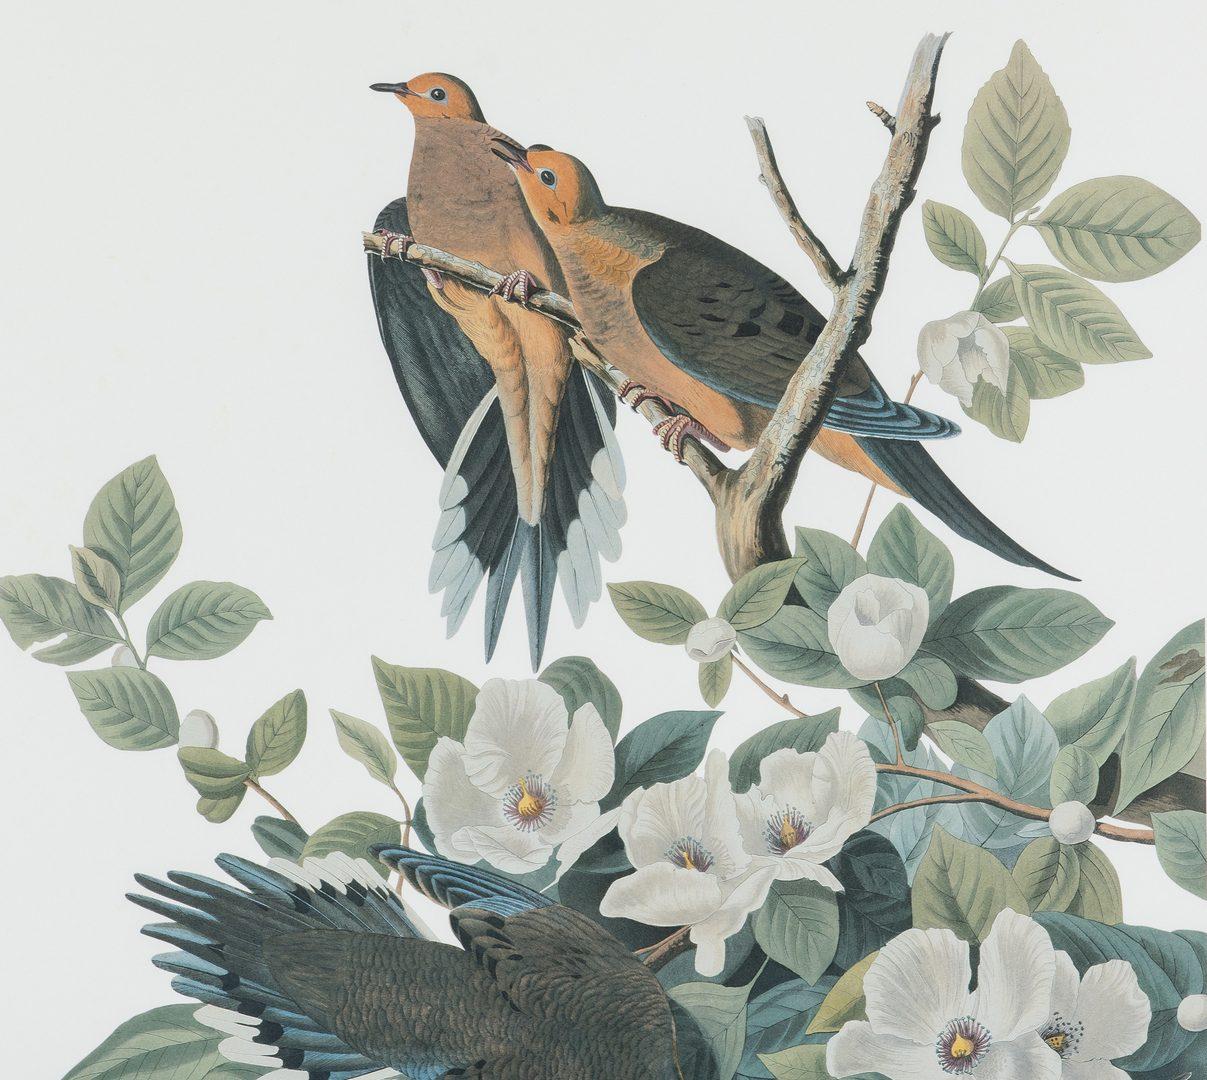 Lot 691: 4 Prints after Audubon, Loates